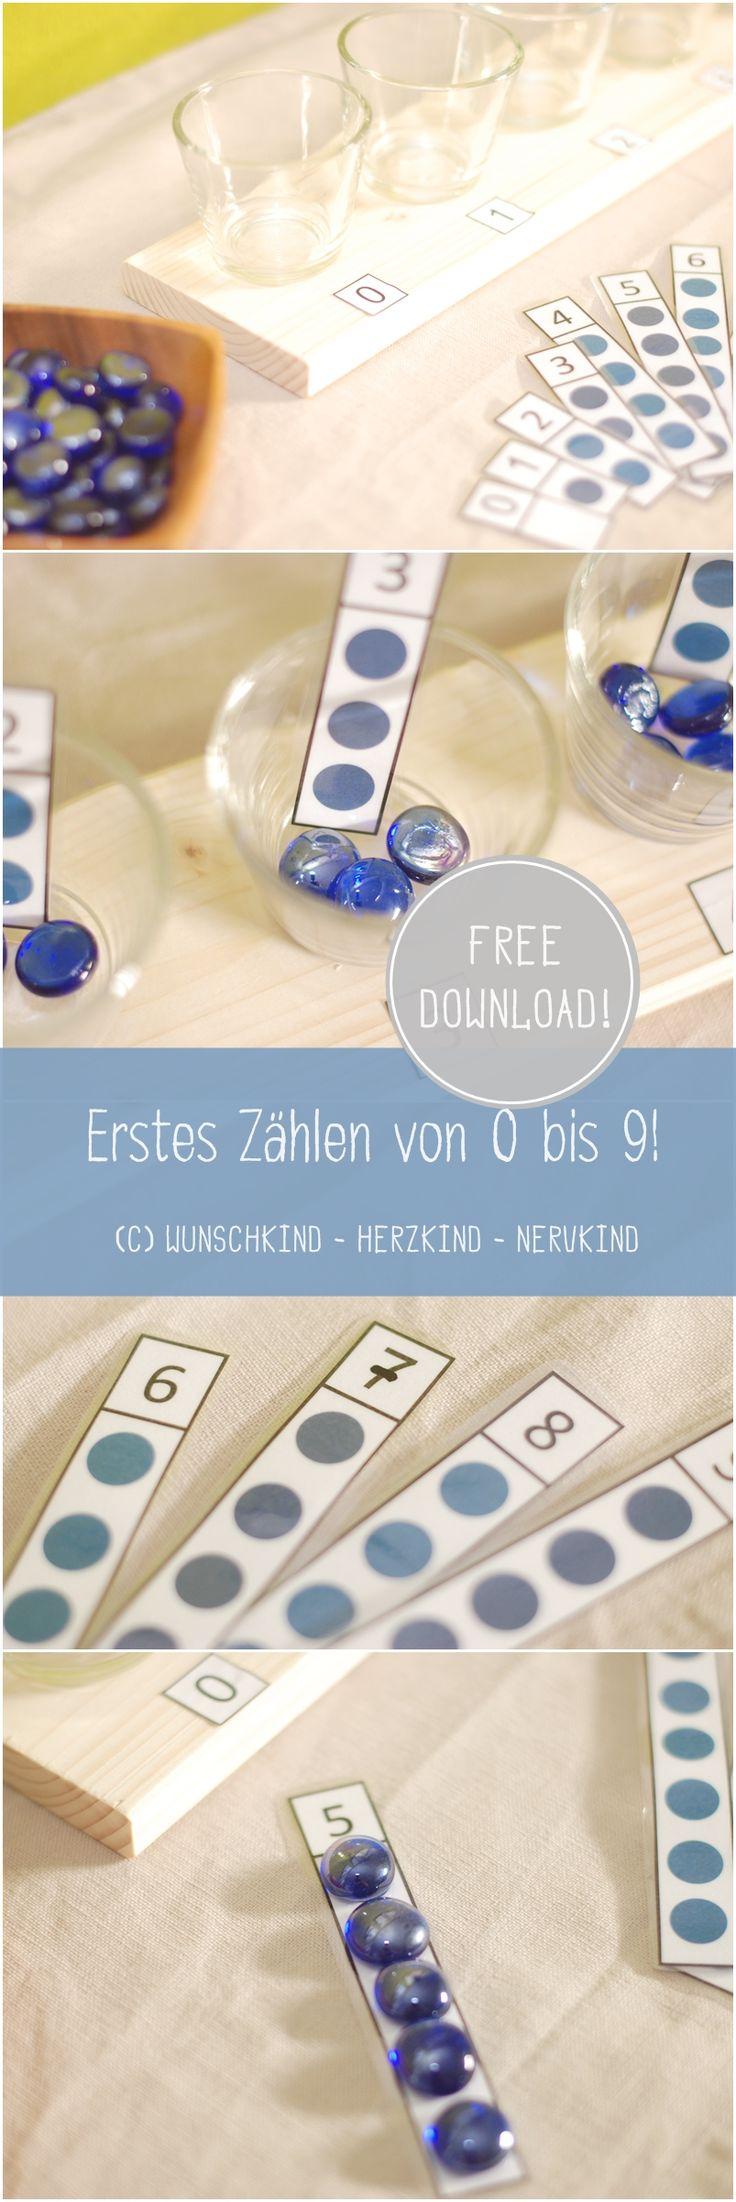 Mit diesem Download-Material kannst du deinem Kind das erste Zählen von 0 – 9 näher bringen. Montessori-inspiriert und sehr ansprechend in der Darbietung.